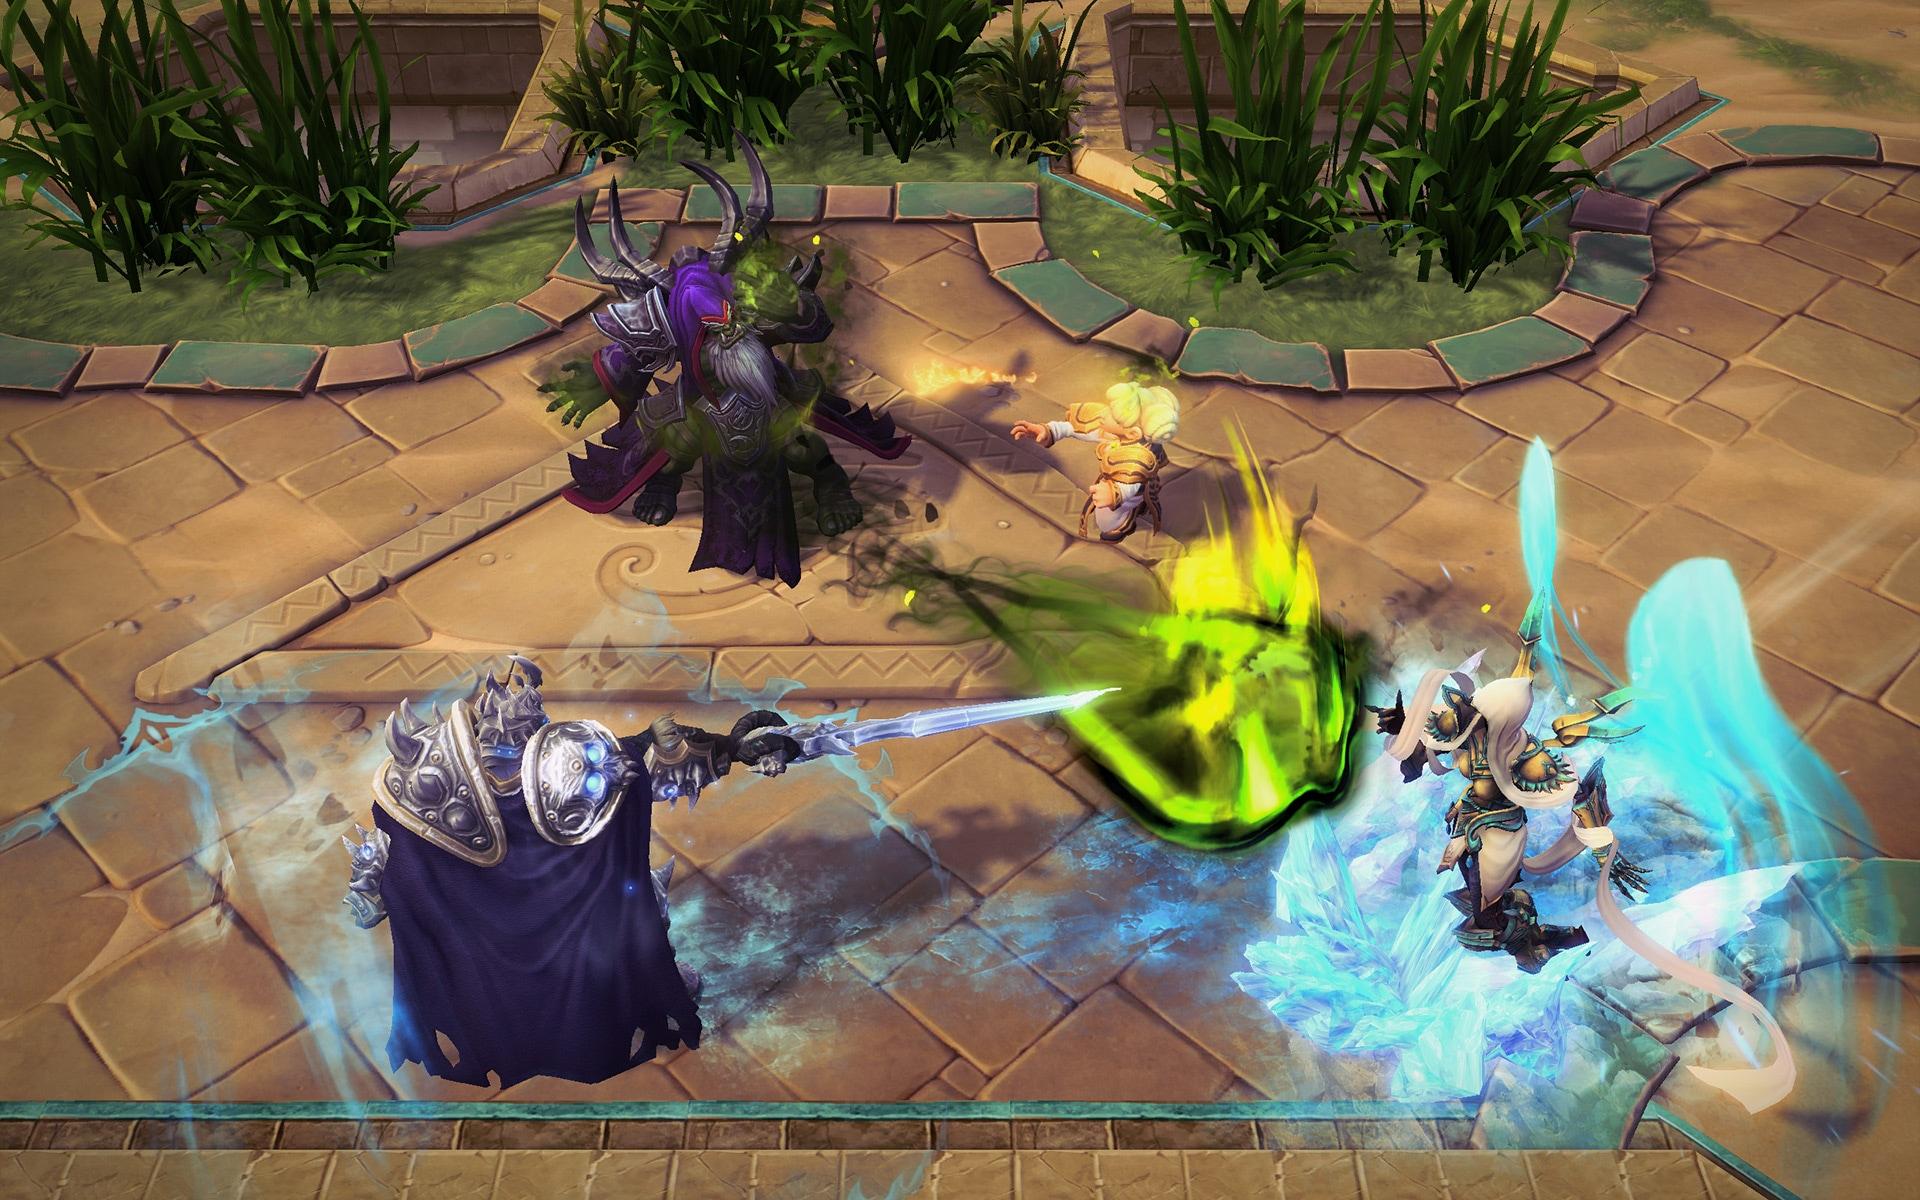 Heroes19_Guldan_KL_Shot_4.jpg